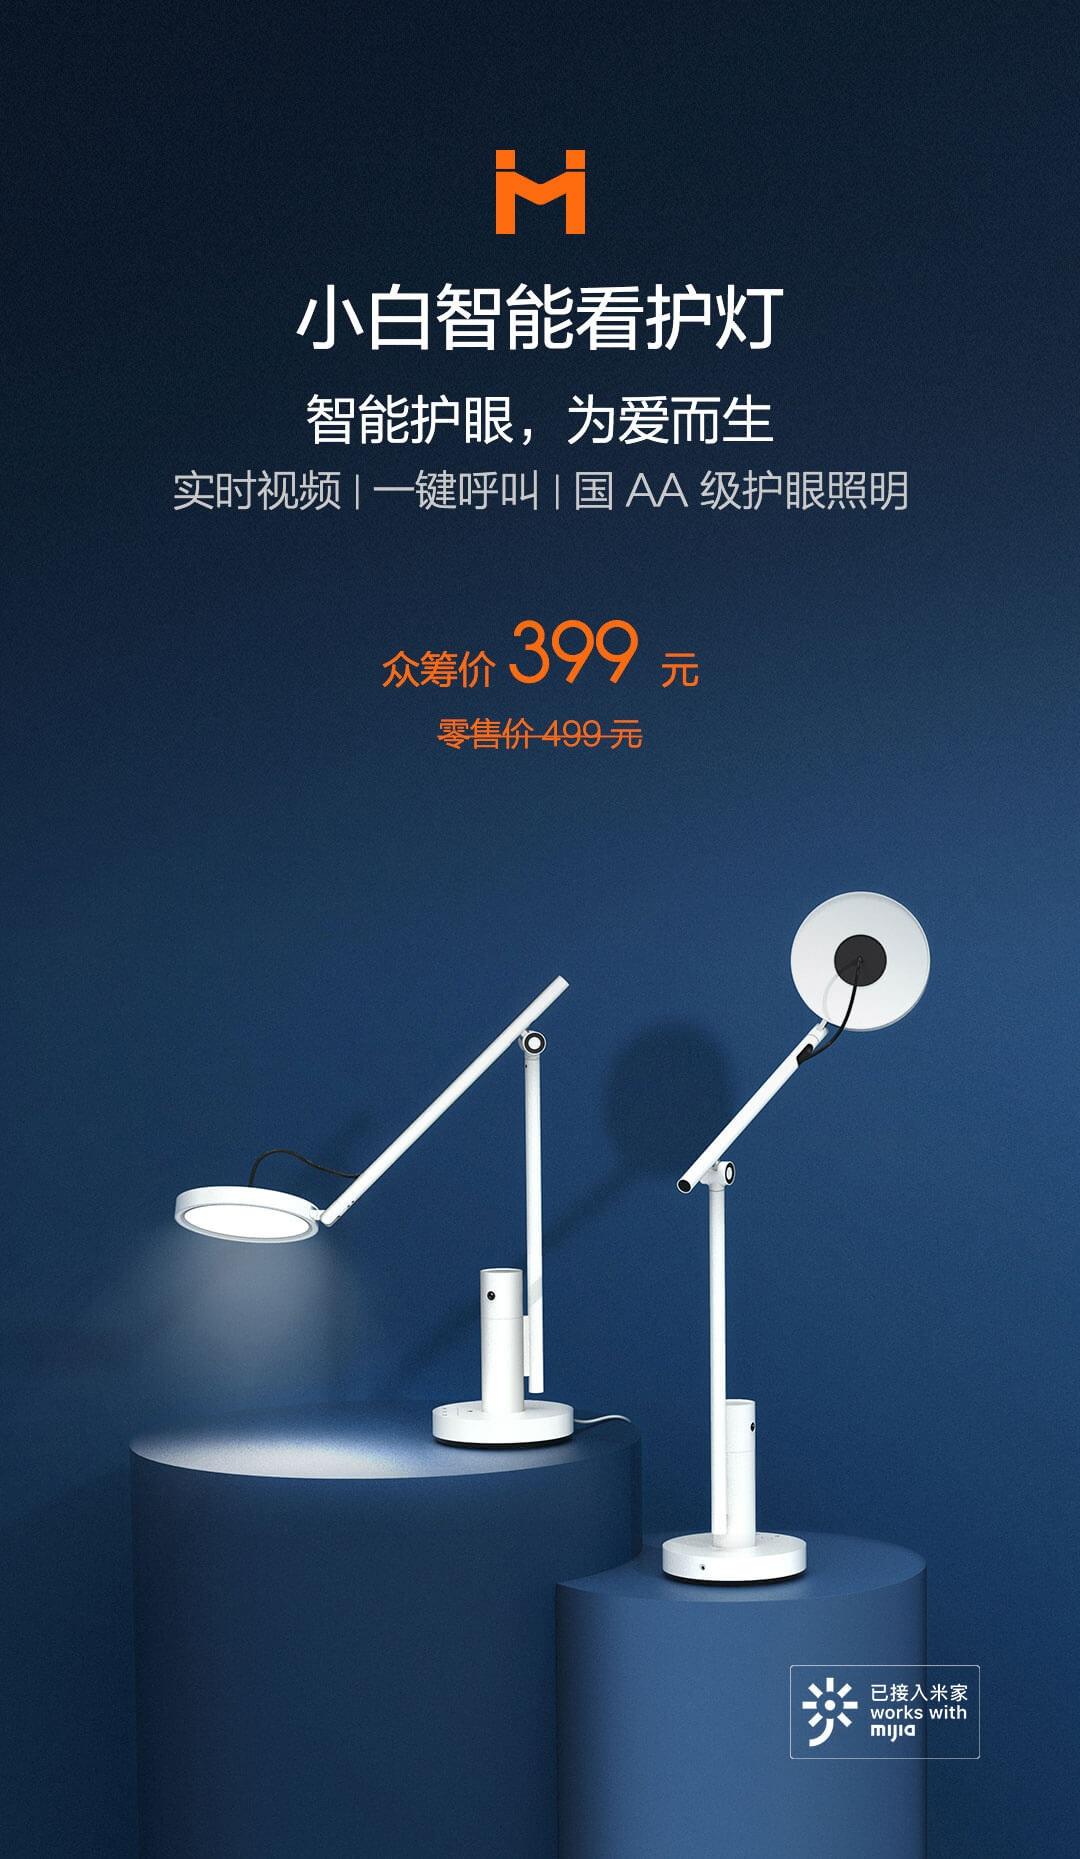 Xiaomi Smart Care Lamp